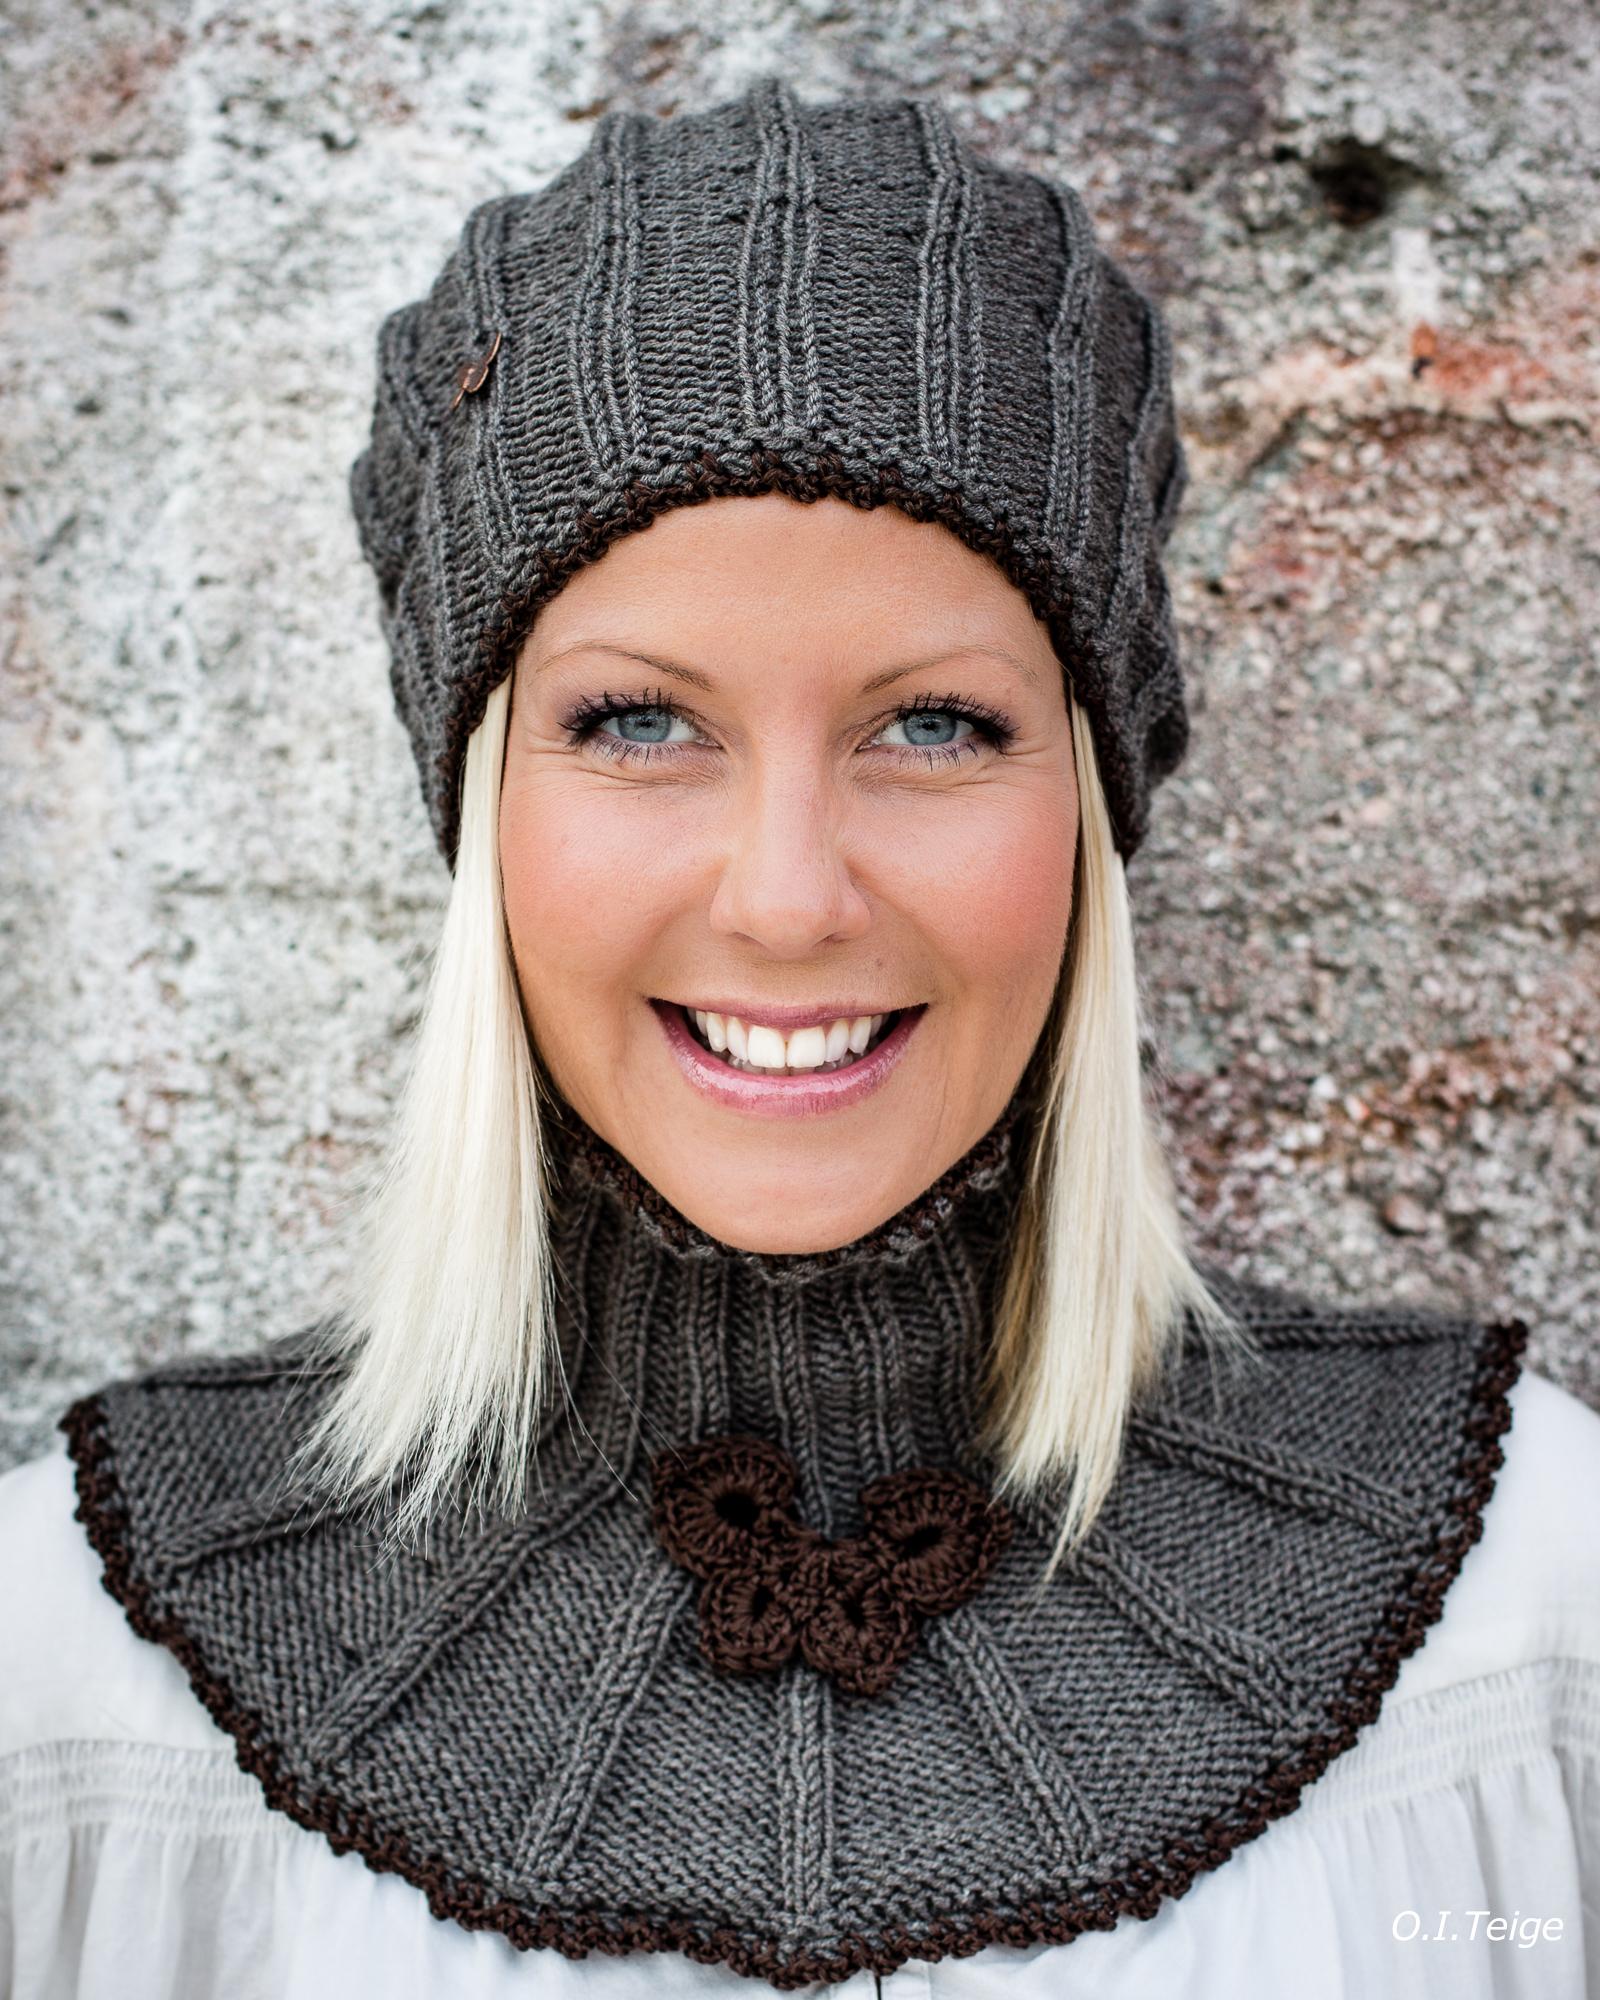 Carina Mjønes, styling byhttp://www.cspabuddakan.no. Costumes byhttp://www.naalfrua.vpweb.no . Photo by Odd Inge